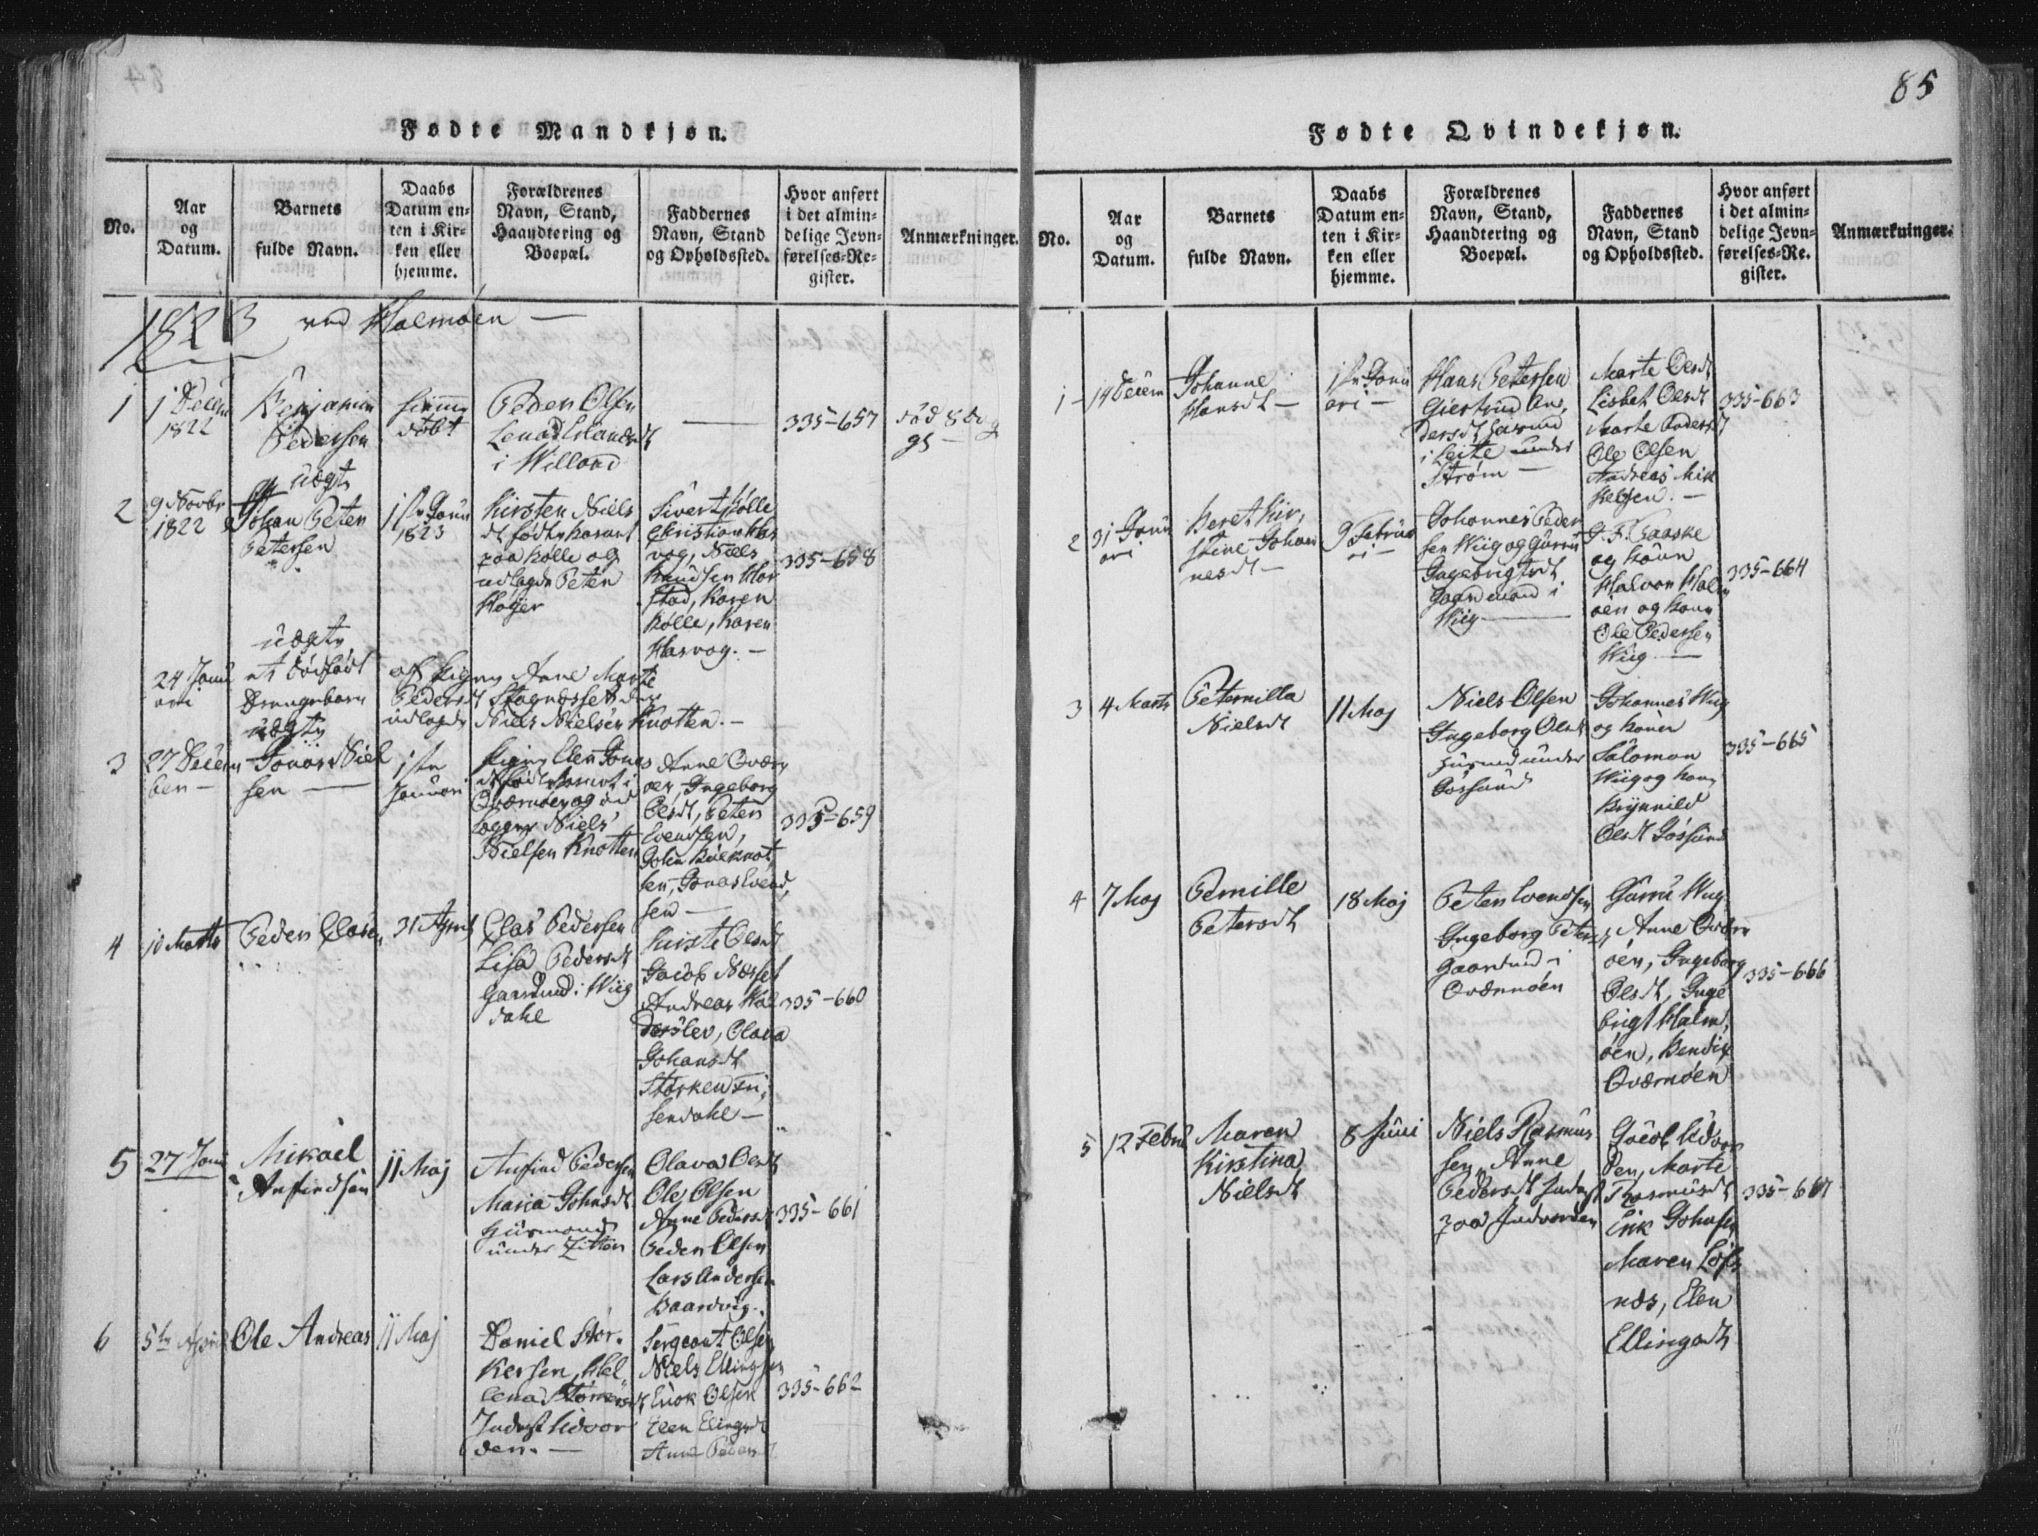 SAT, Ministerialprotokoller, klokkerbøker og fødselsregistre - Nord-Trøndelag, 773/L0609: Ministerialbok nr. 773A03 /3, 1815-1830, s. 85